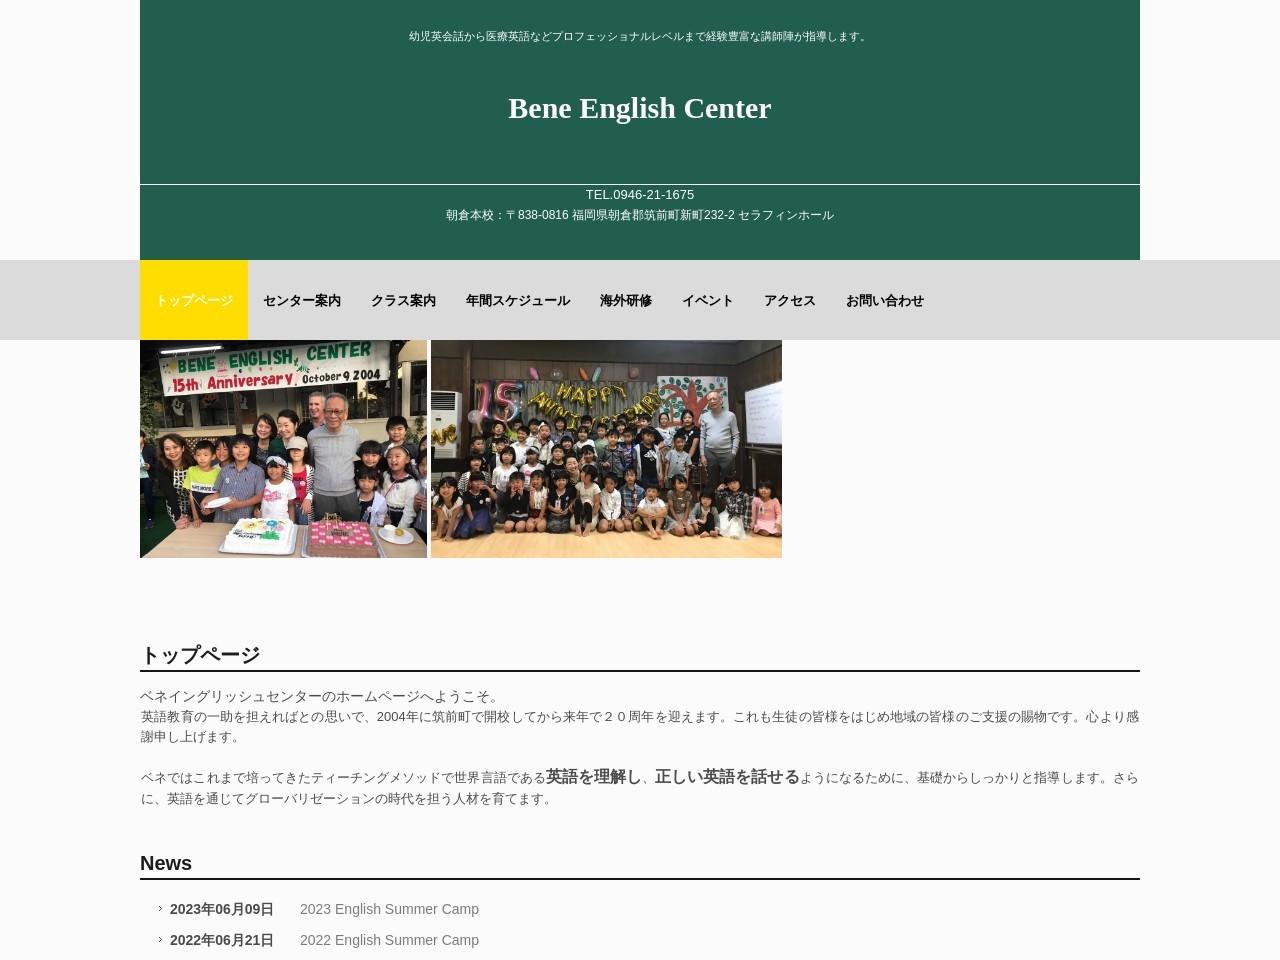 BeneEnglishCenter